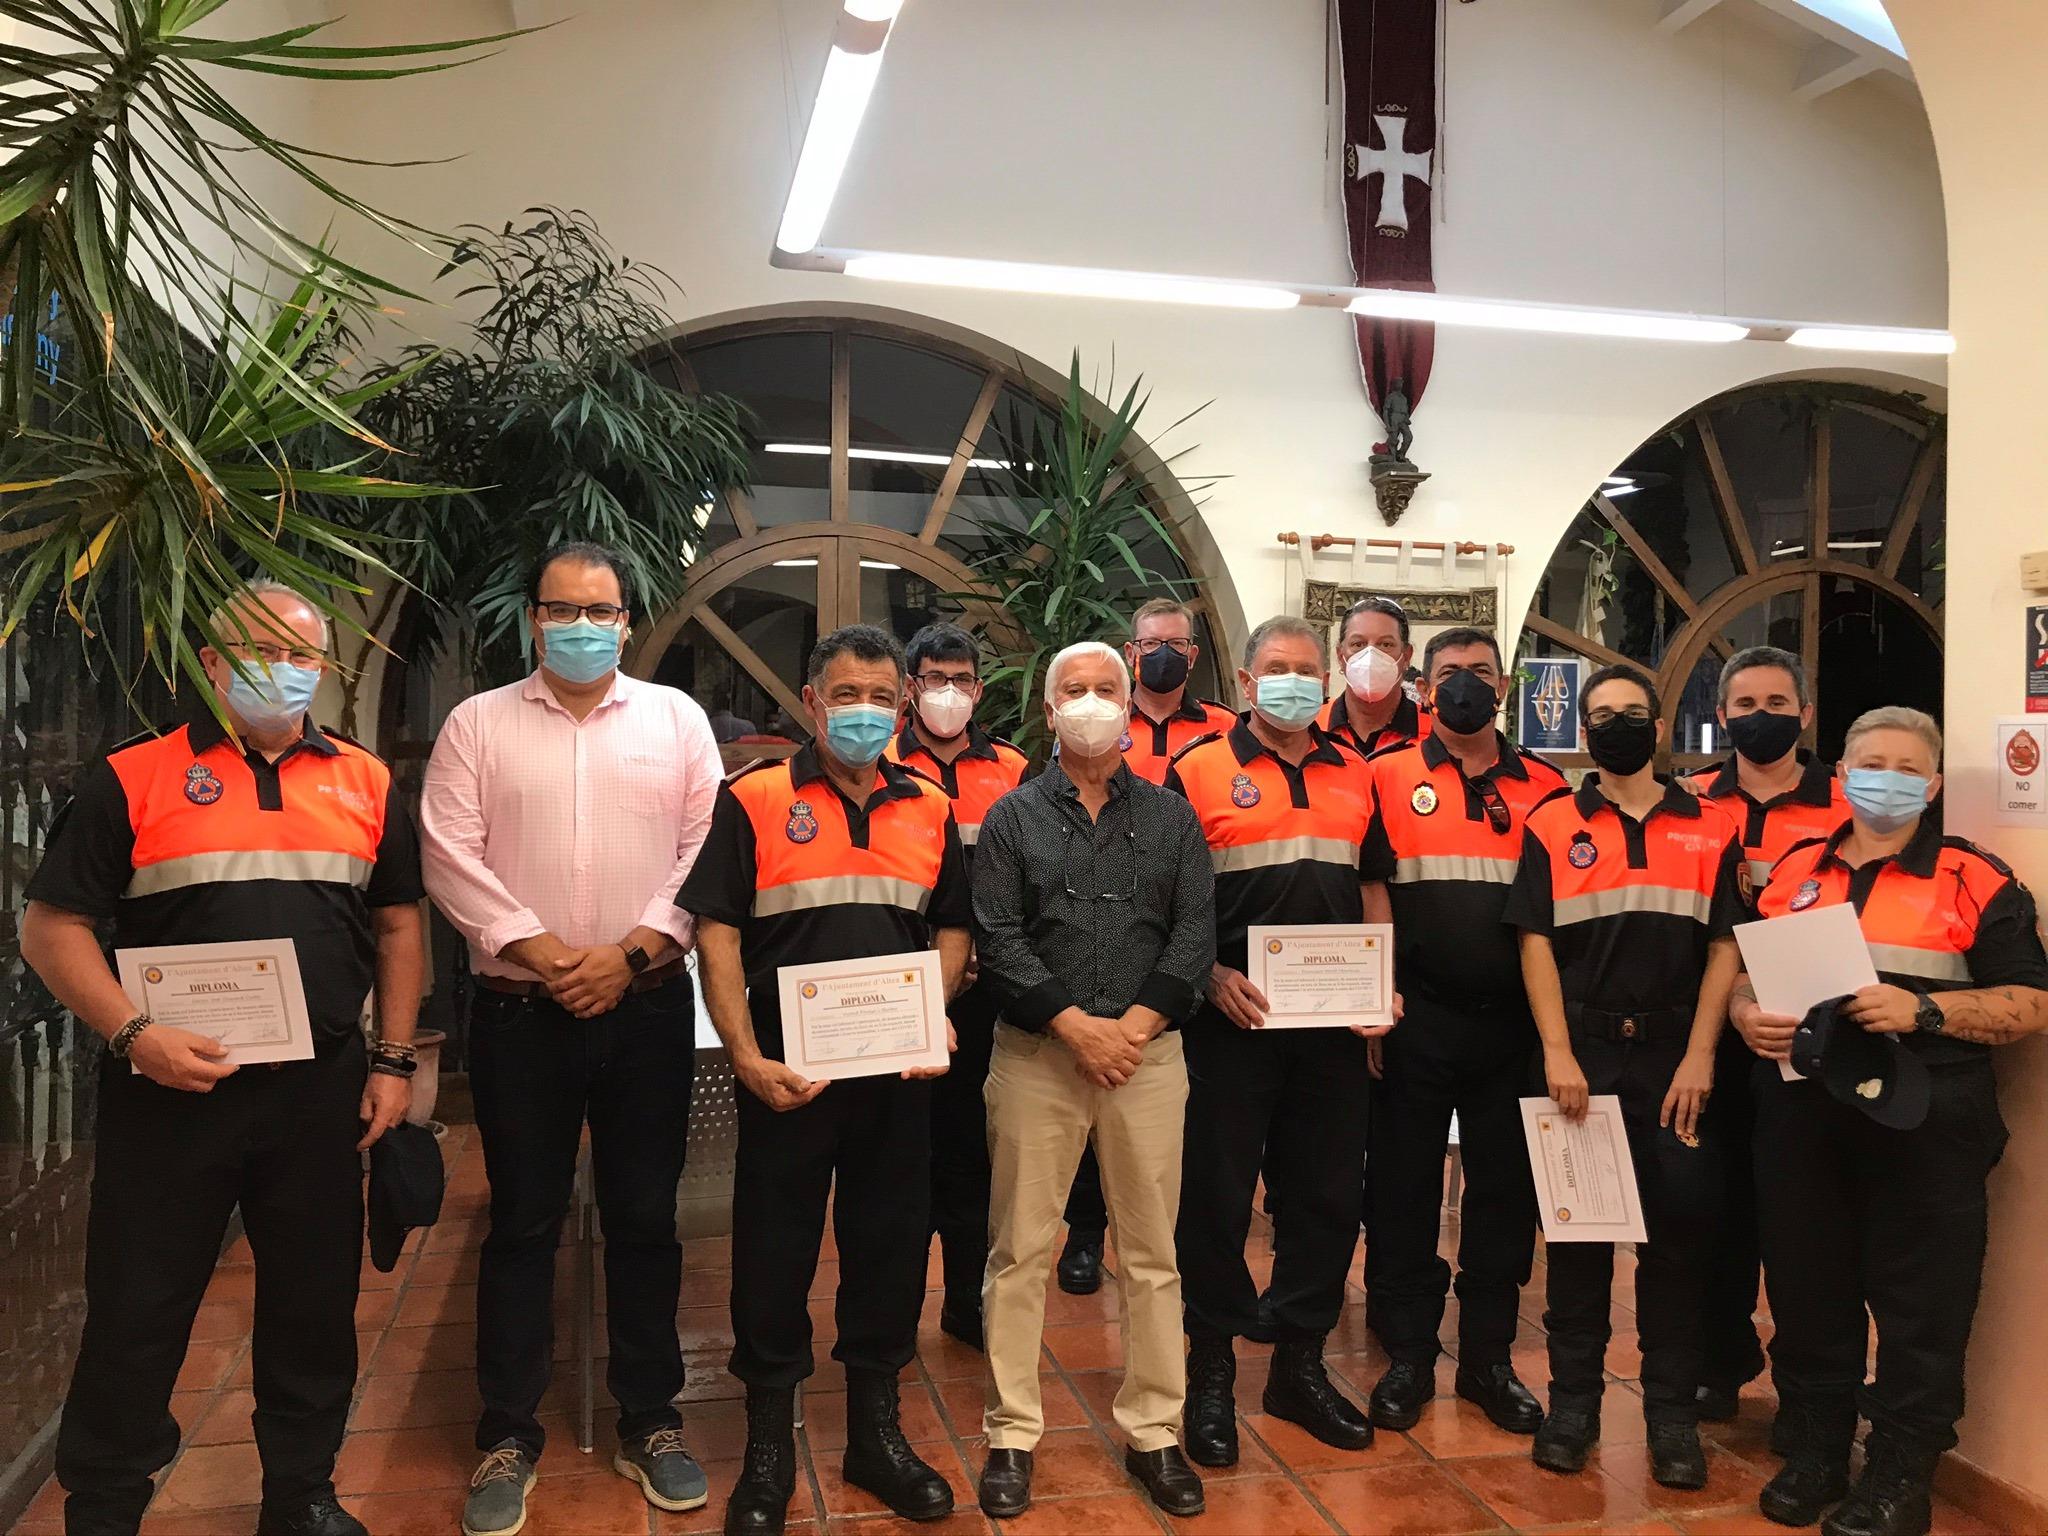 El Ayuntamiento de Altea reconoce la labor de Protección Civil durante el estado de alarma